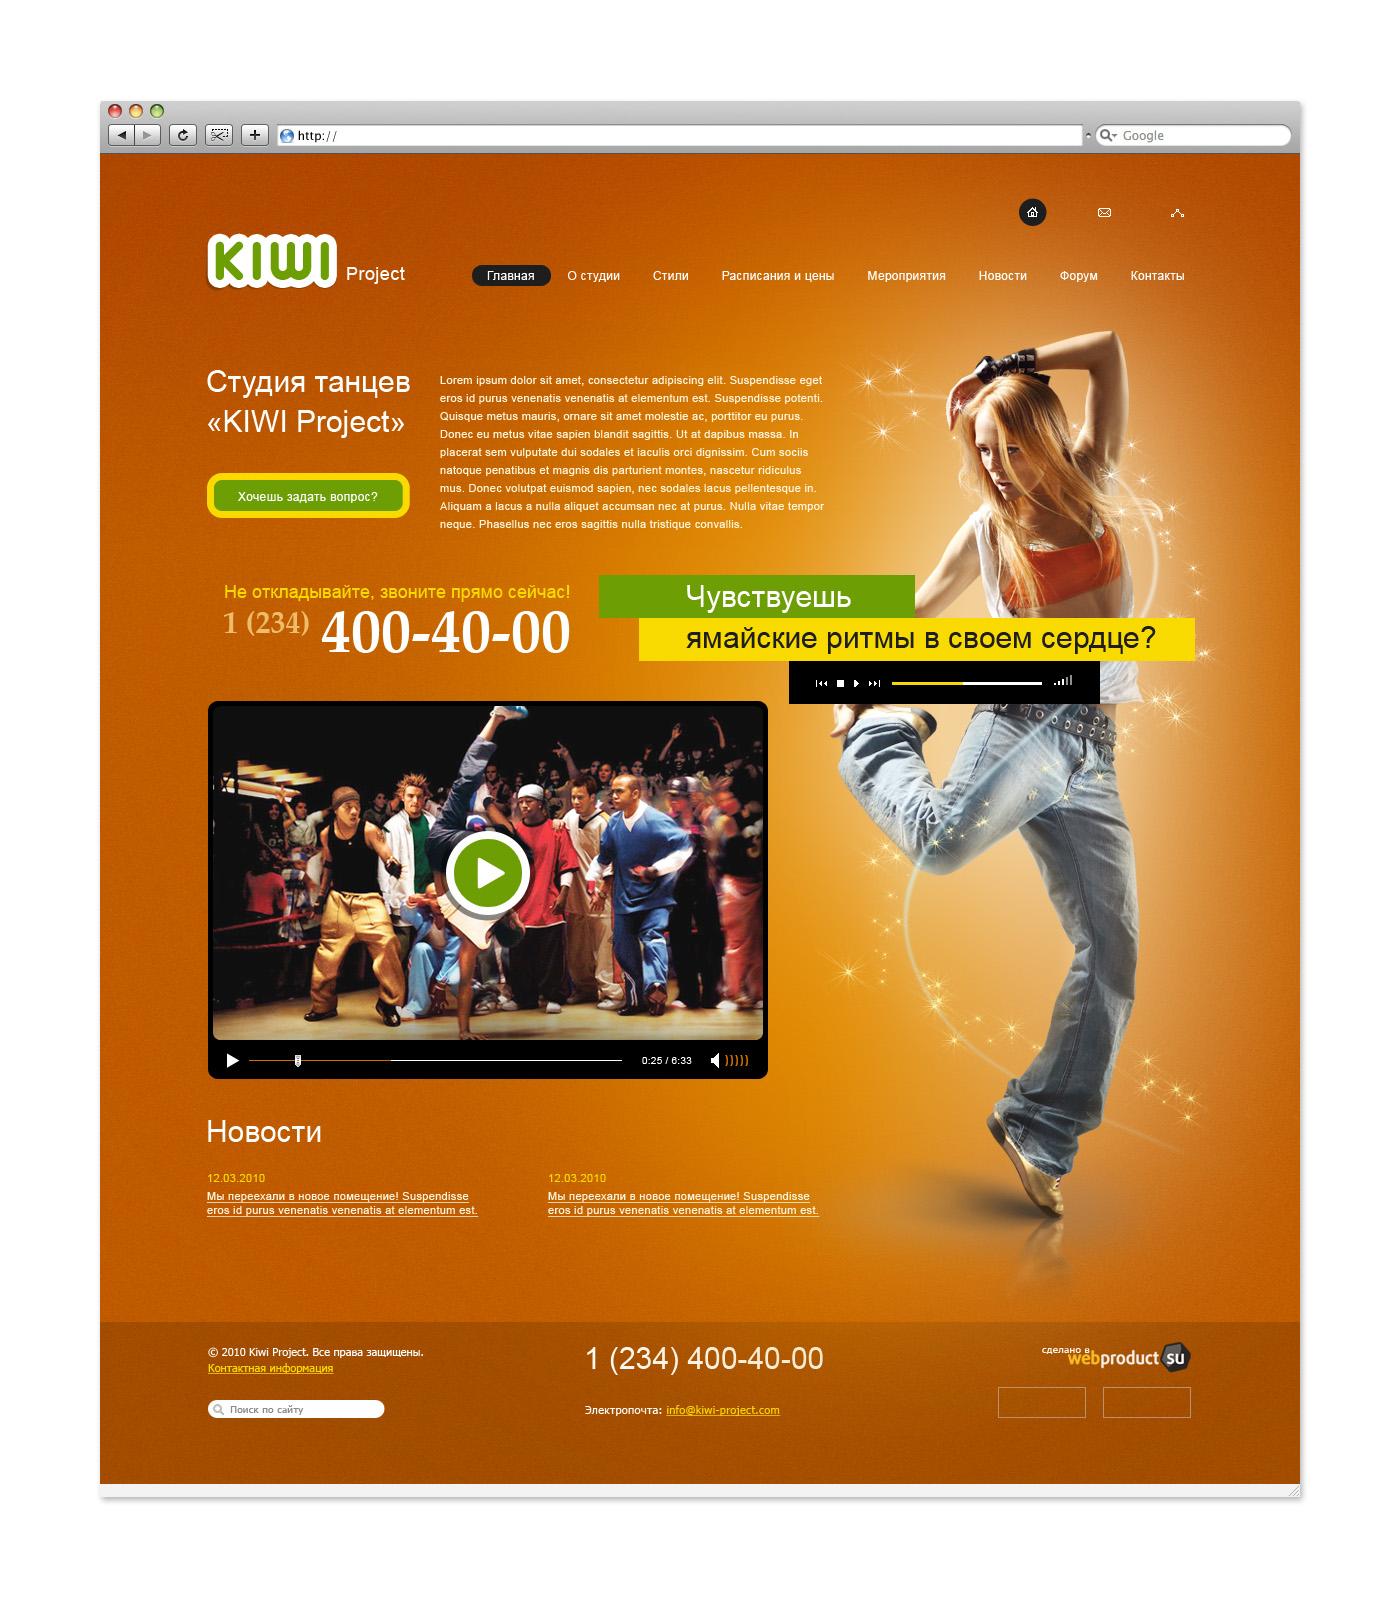 Студия танцев «Kiwi Project»